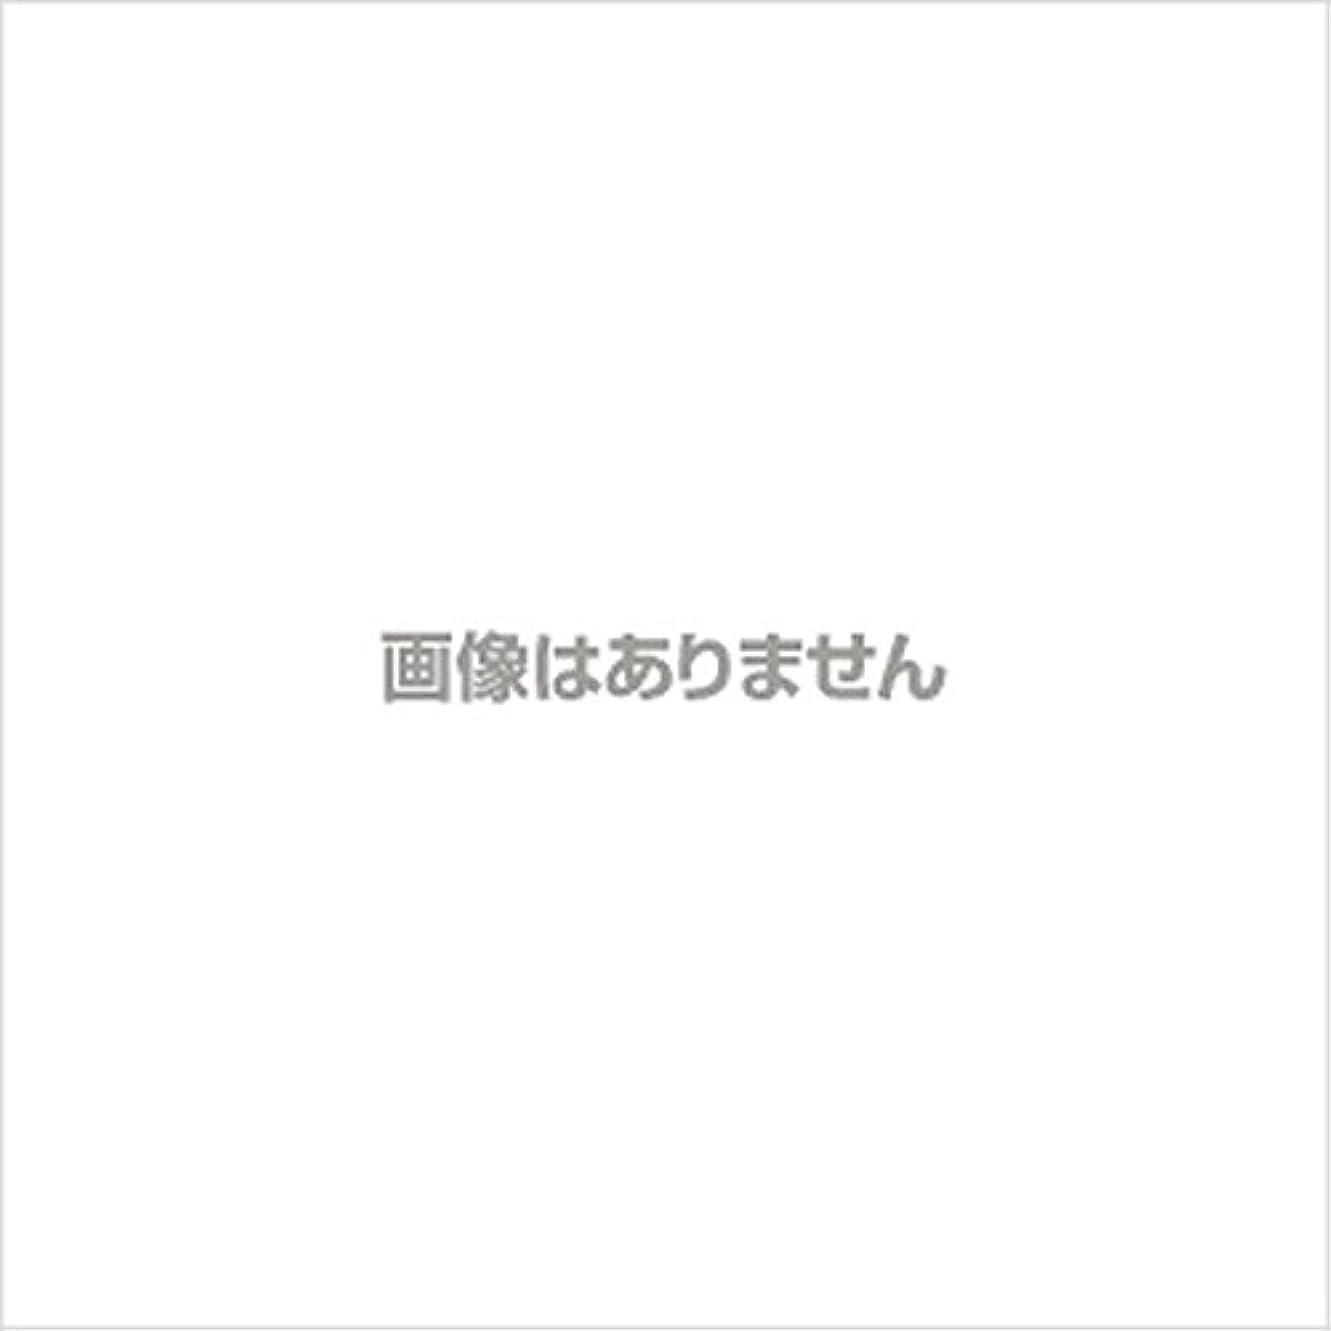 それに応じてお母さん鳩【新発売】EBUKEA エブケアNO1004 プラスチックグローブ(パウダーフリー?粉なし)Sサイズ 100枚入(極薄?半透明)